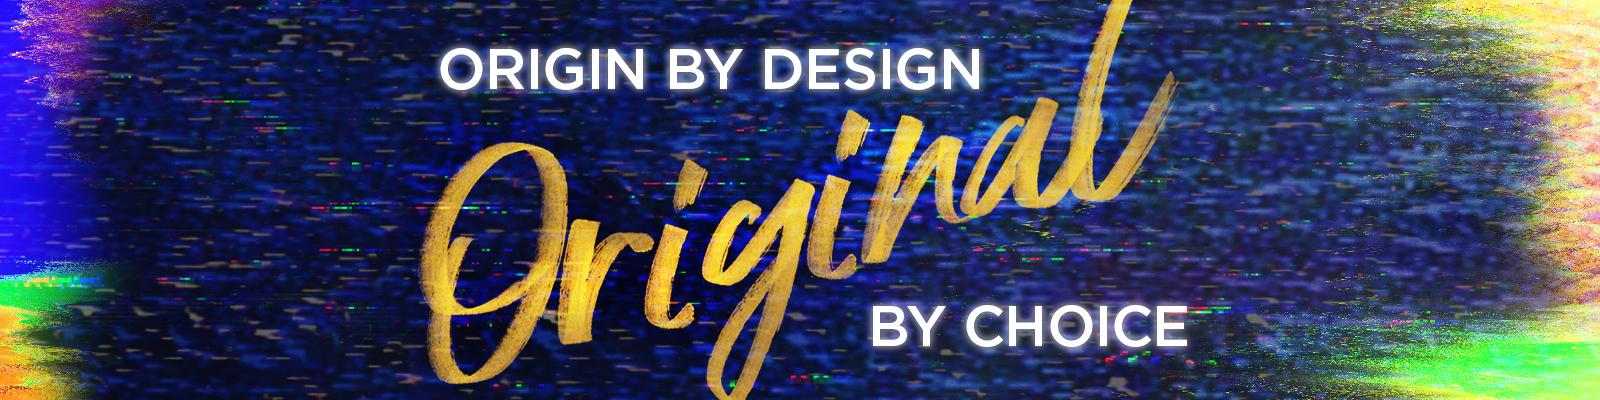 Origin by Design, Original by Choice